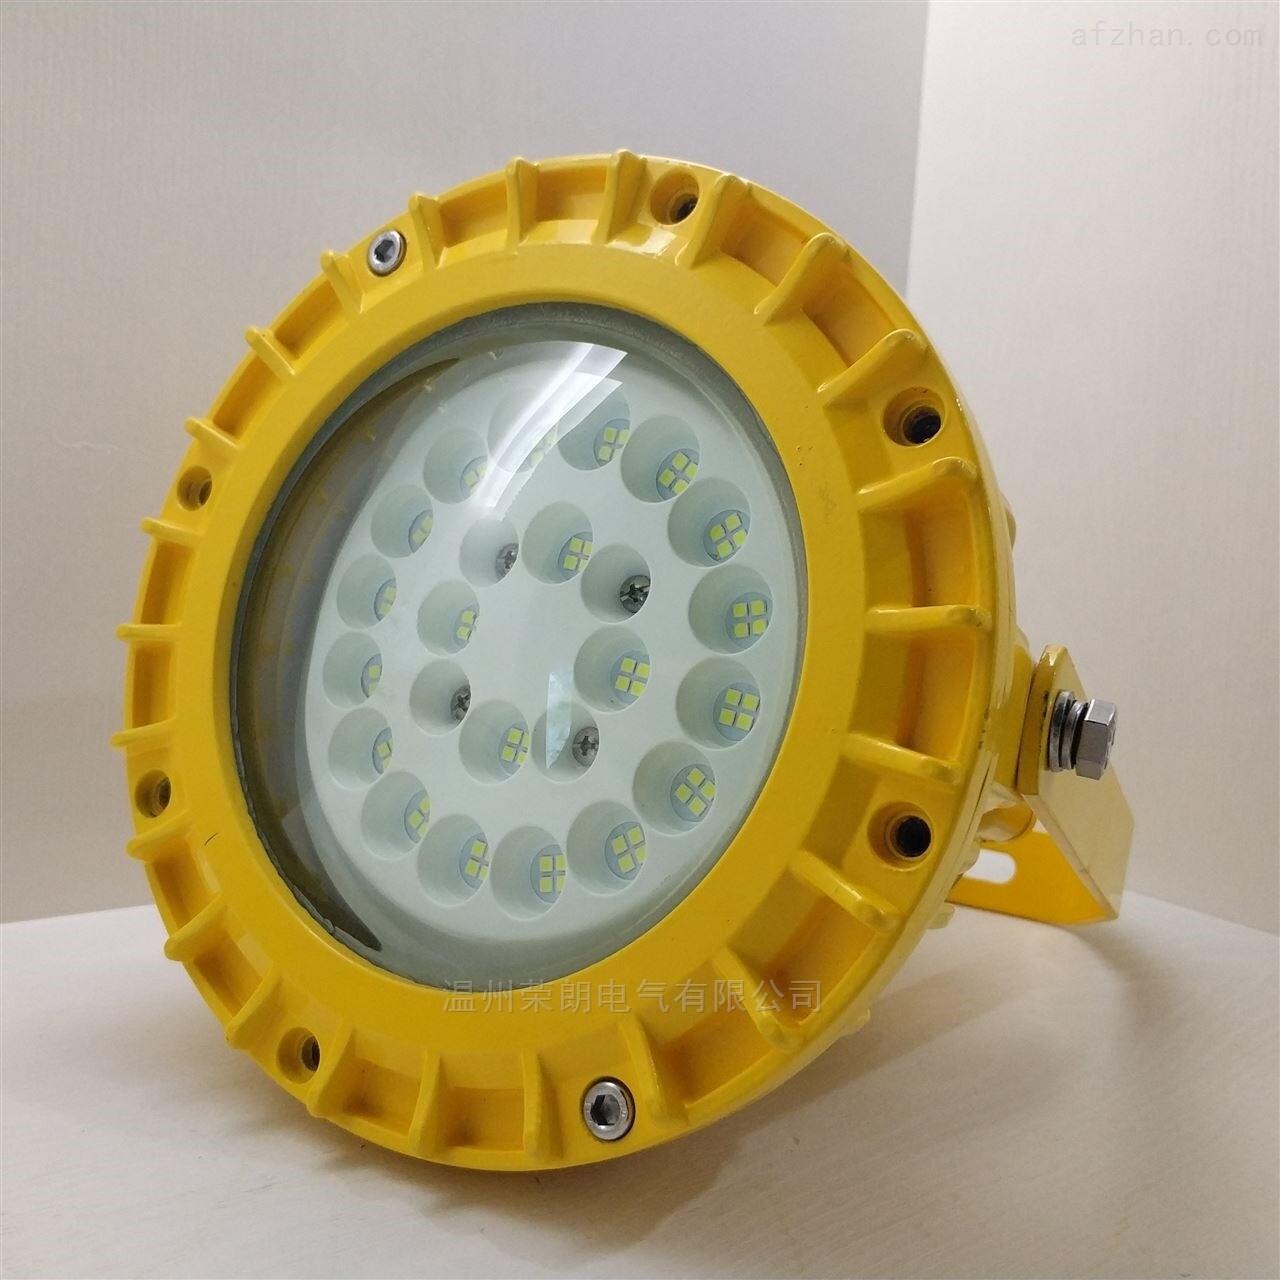 RLB155防爆投光灯150W节能防爆照明灯